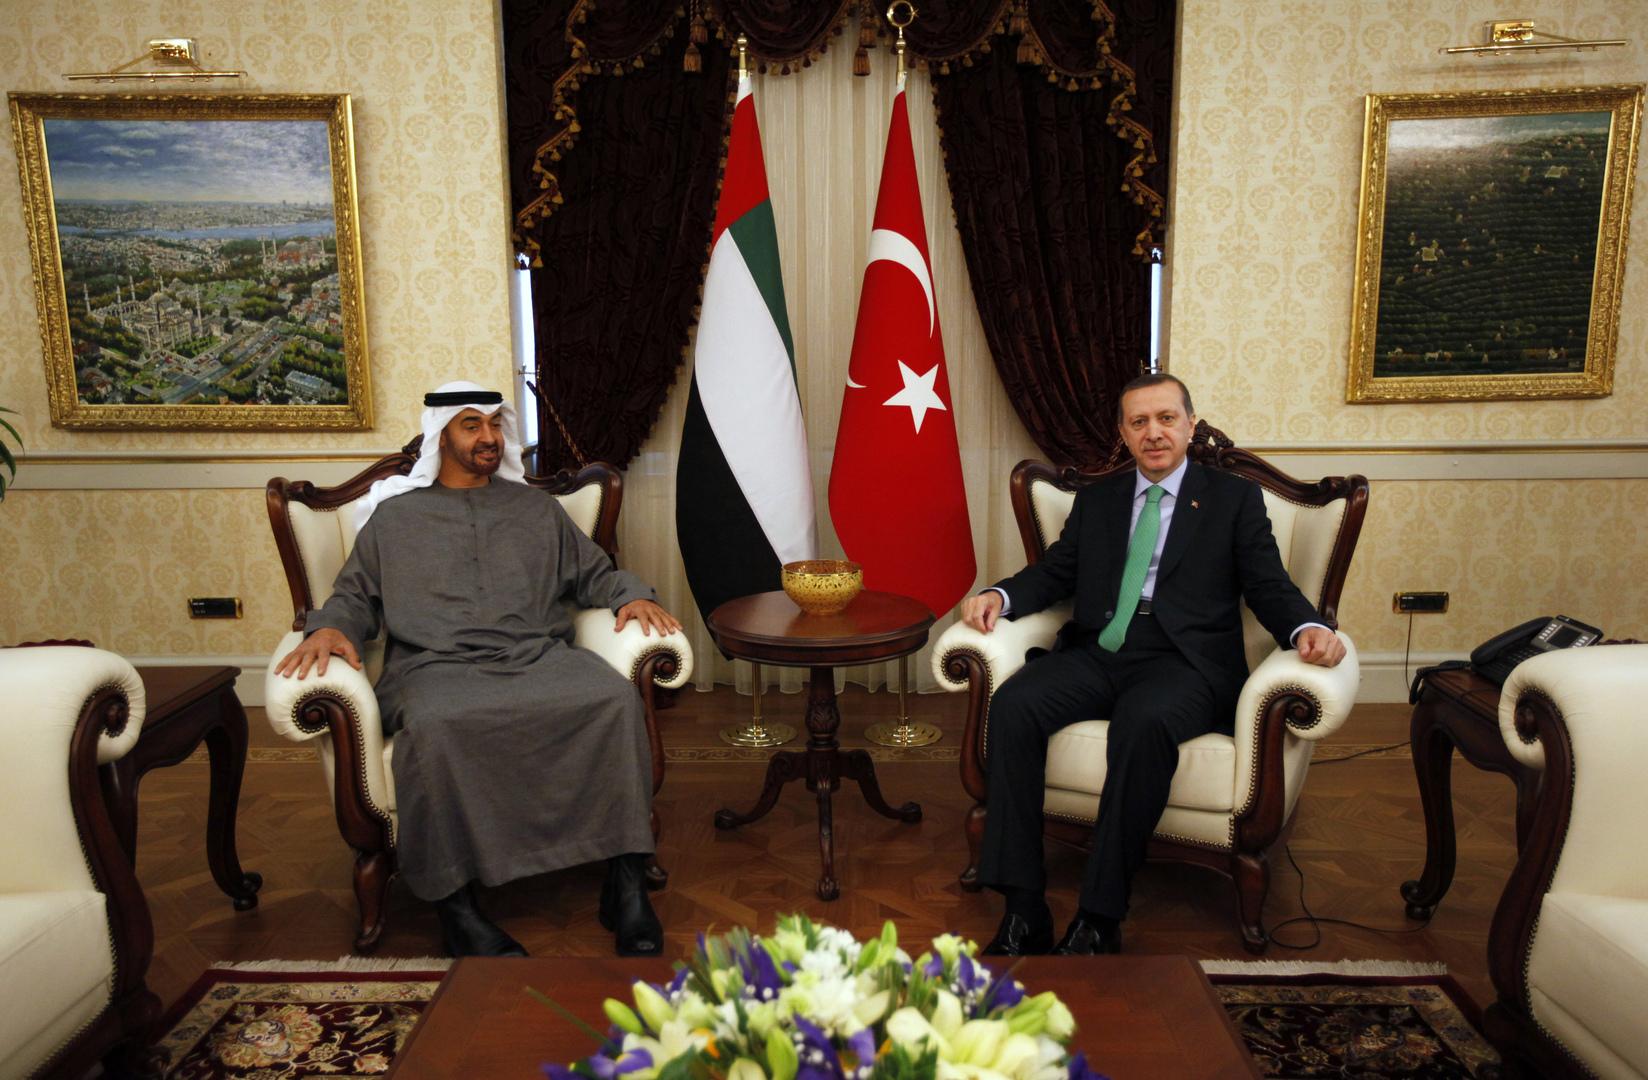 الرئيس التركي، رجب طيب أردوغان، وولي عهد أبوظبي، محمد بن زايد آل نهيان